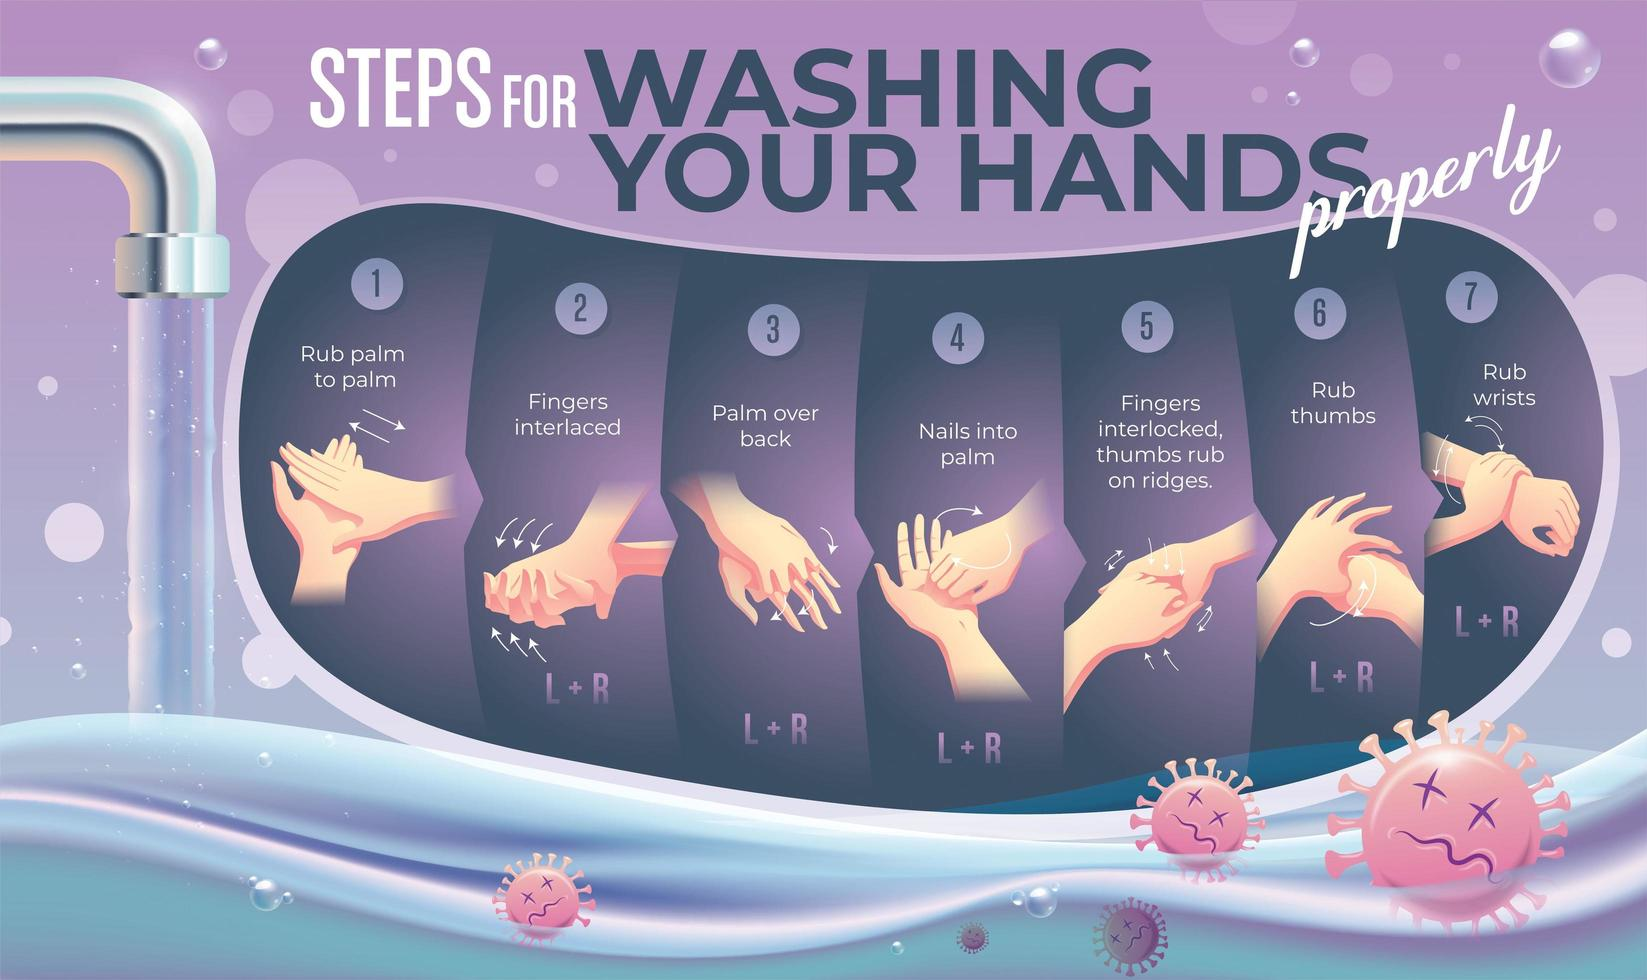 pôster com etapas para lavar as mãos adequadamente vetor